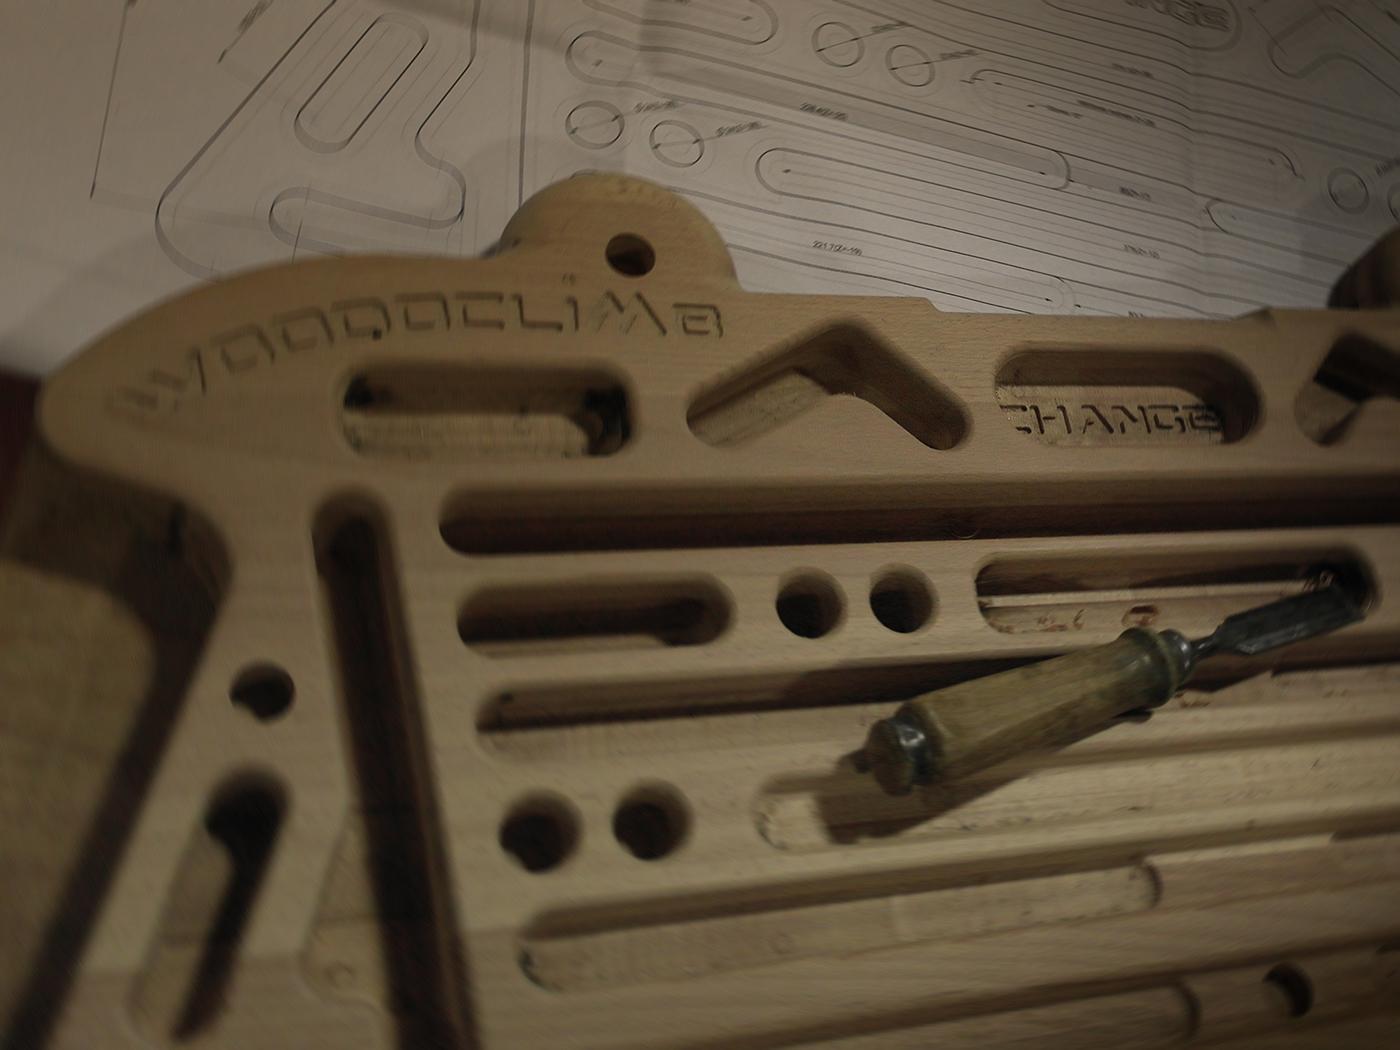 woodoclimb CHANGE 3